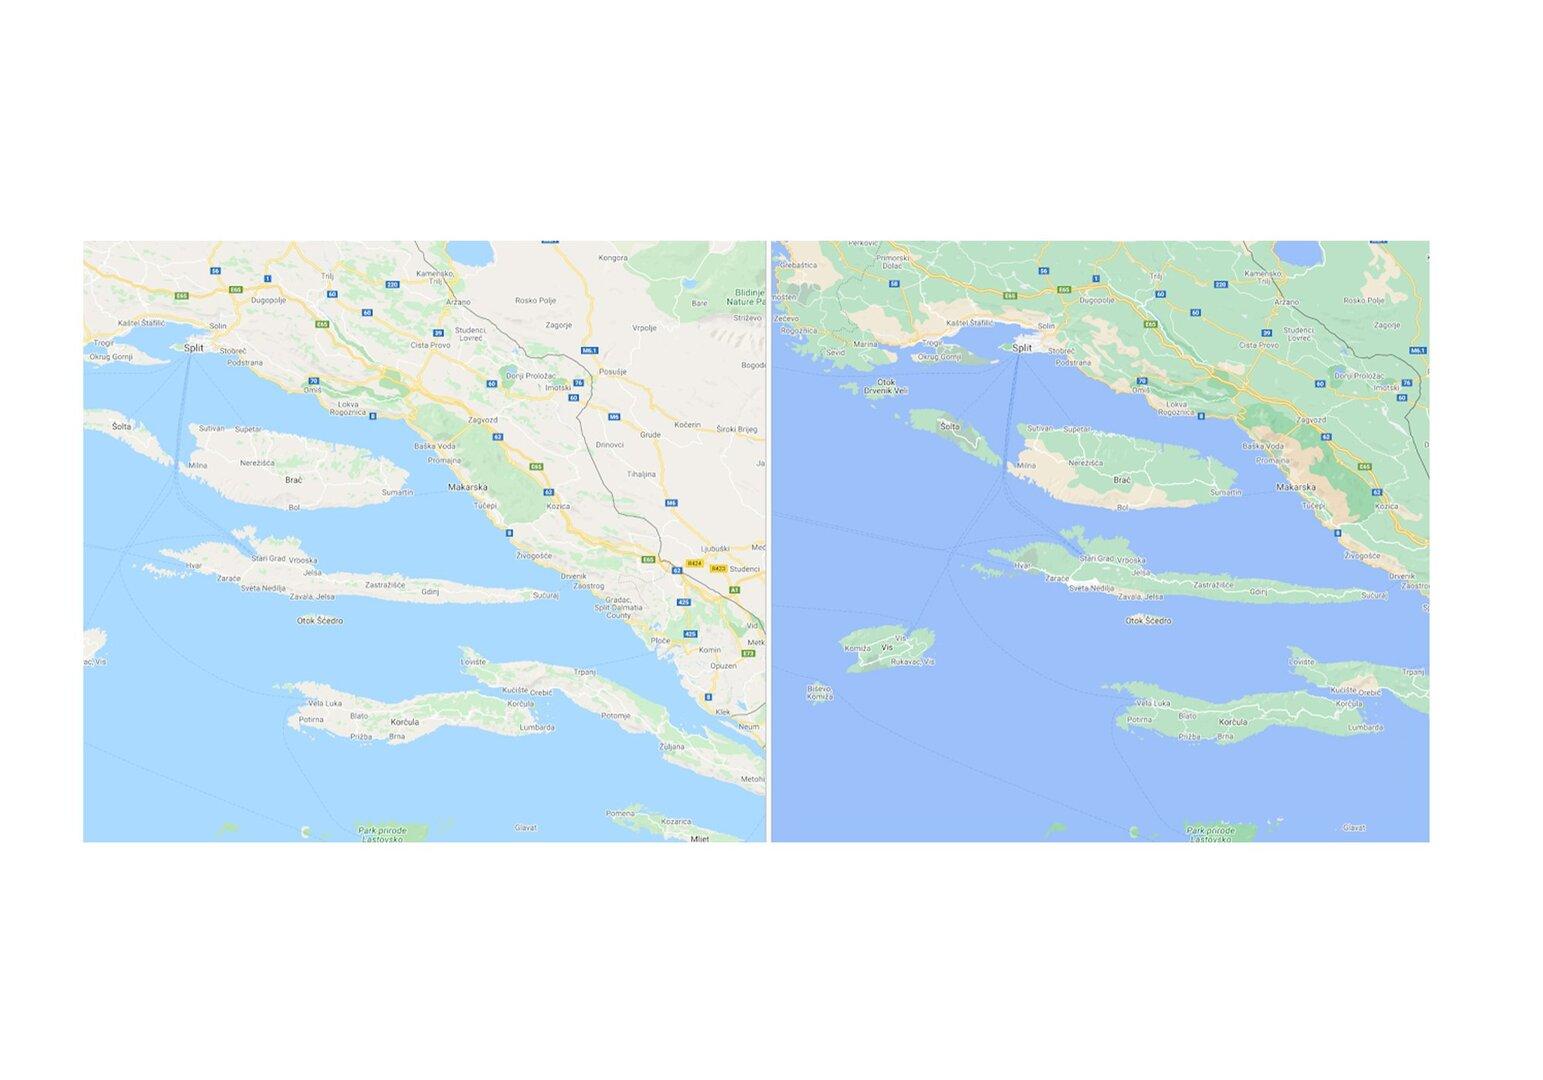 Neue Kartenansicht für Kroatien